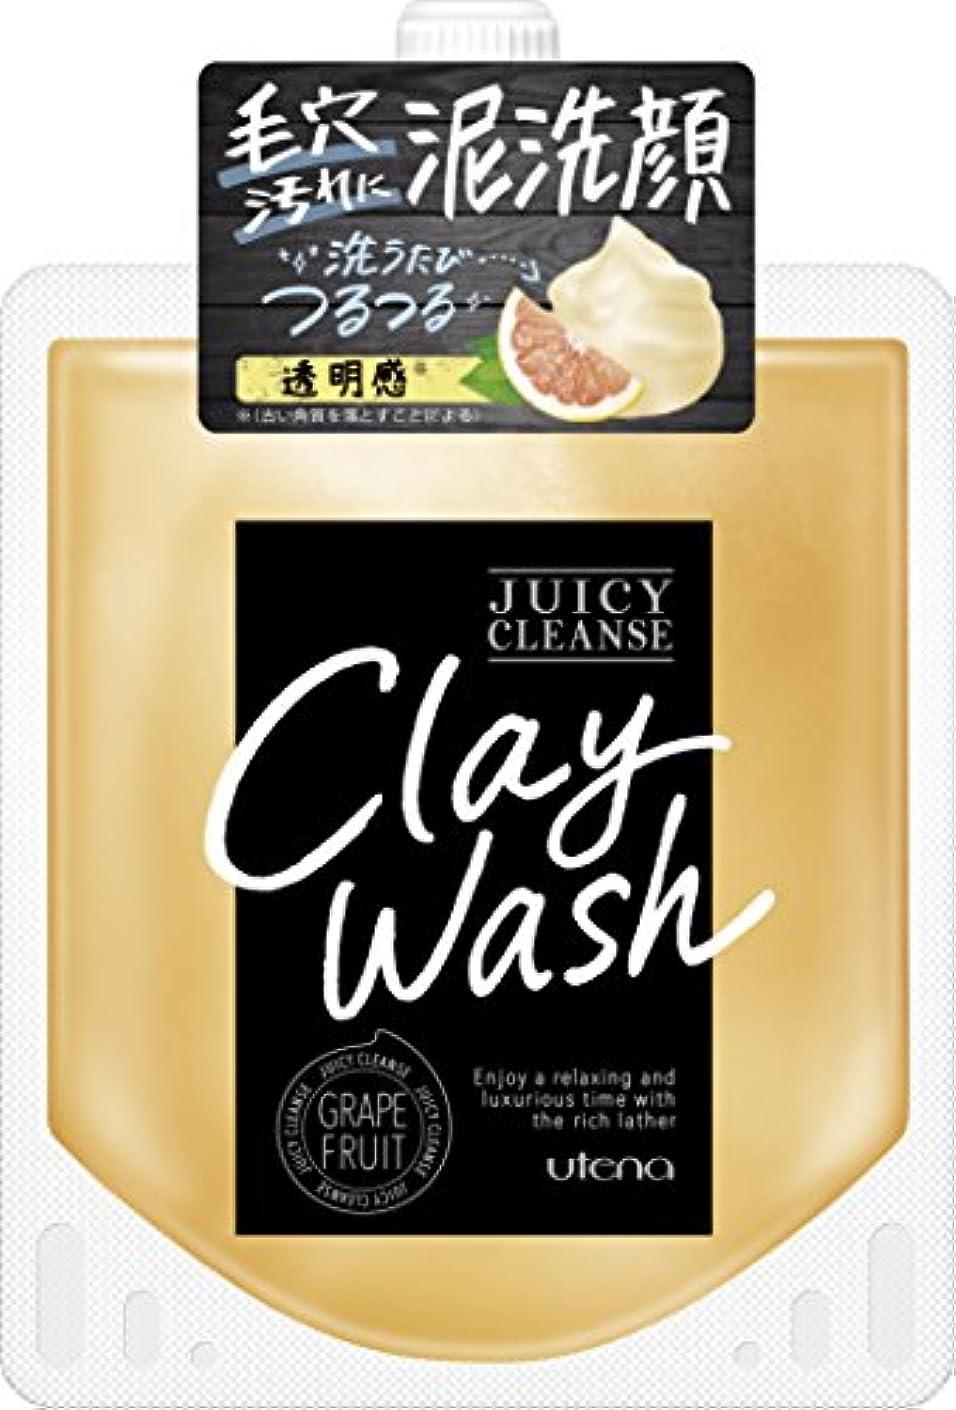 JUICY CLEANSE(ジューシィクレンズ) クレイウォッシュ グレープフルーツ 110g